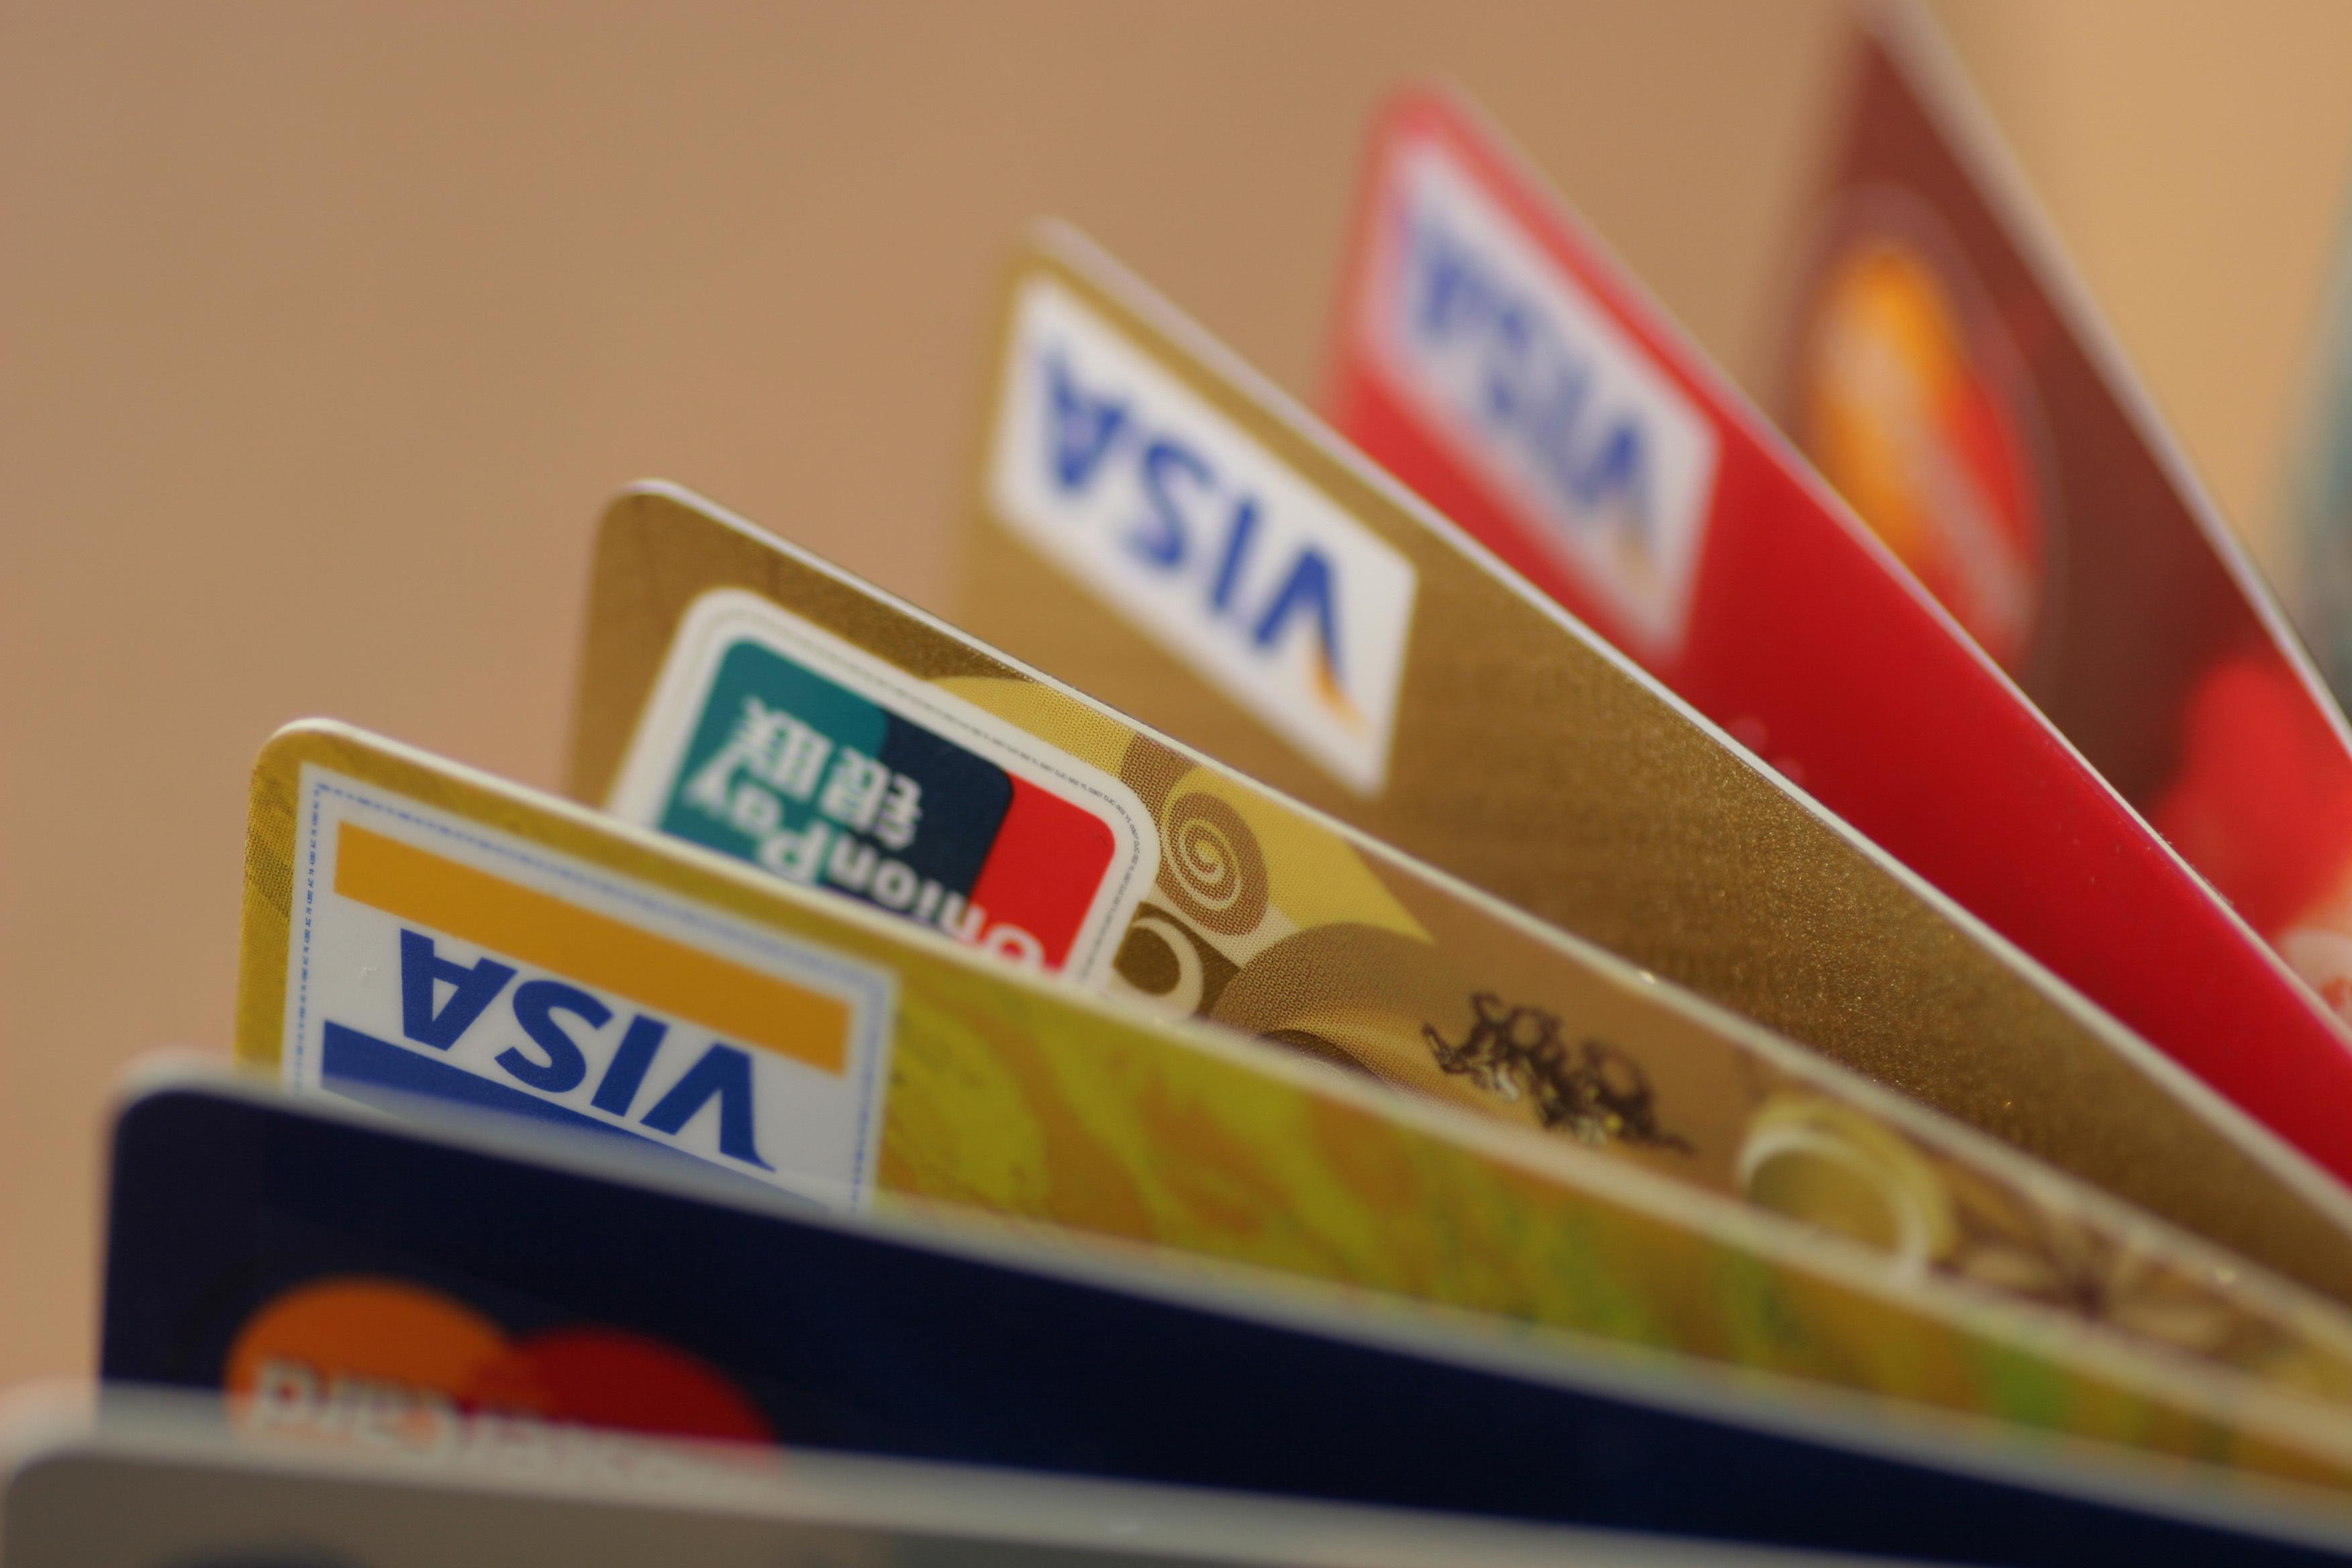 持有这些信用卡,会影响提额,赶紧注销!